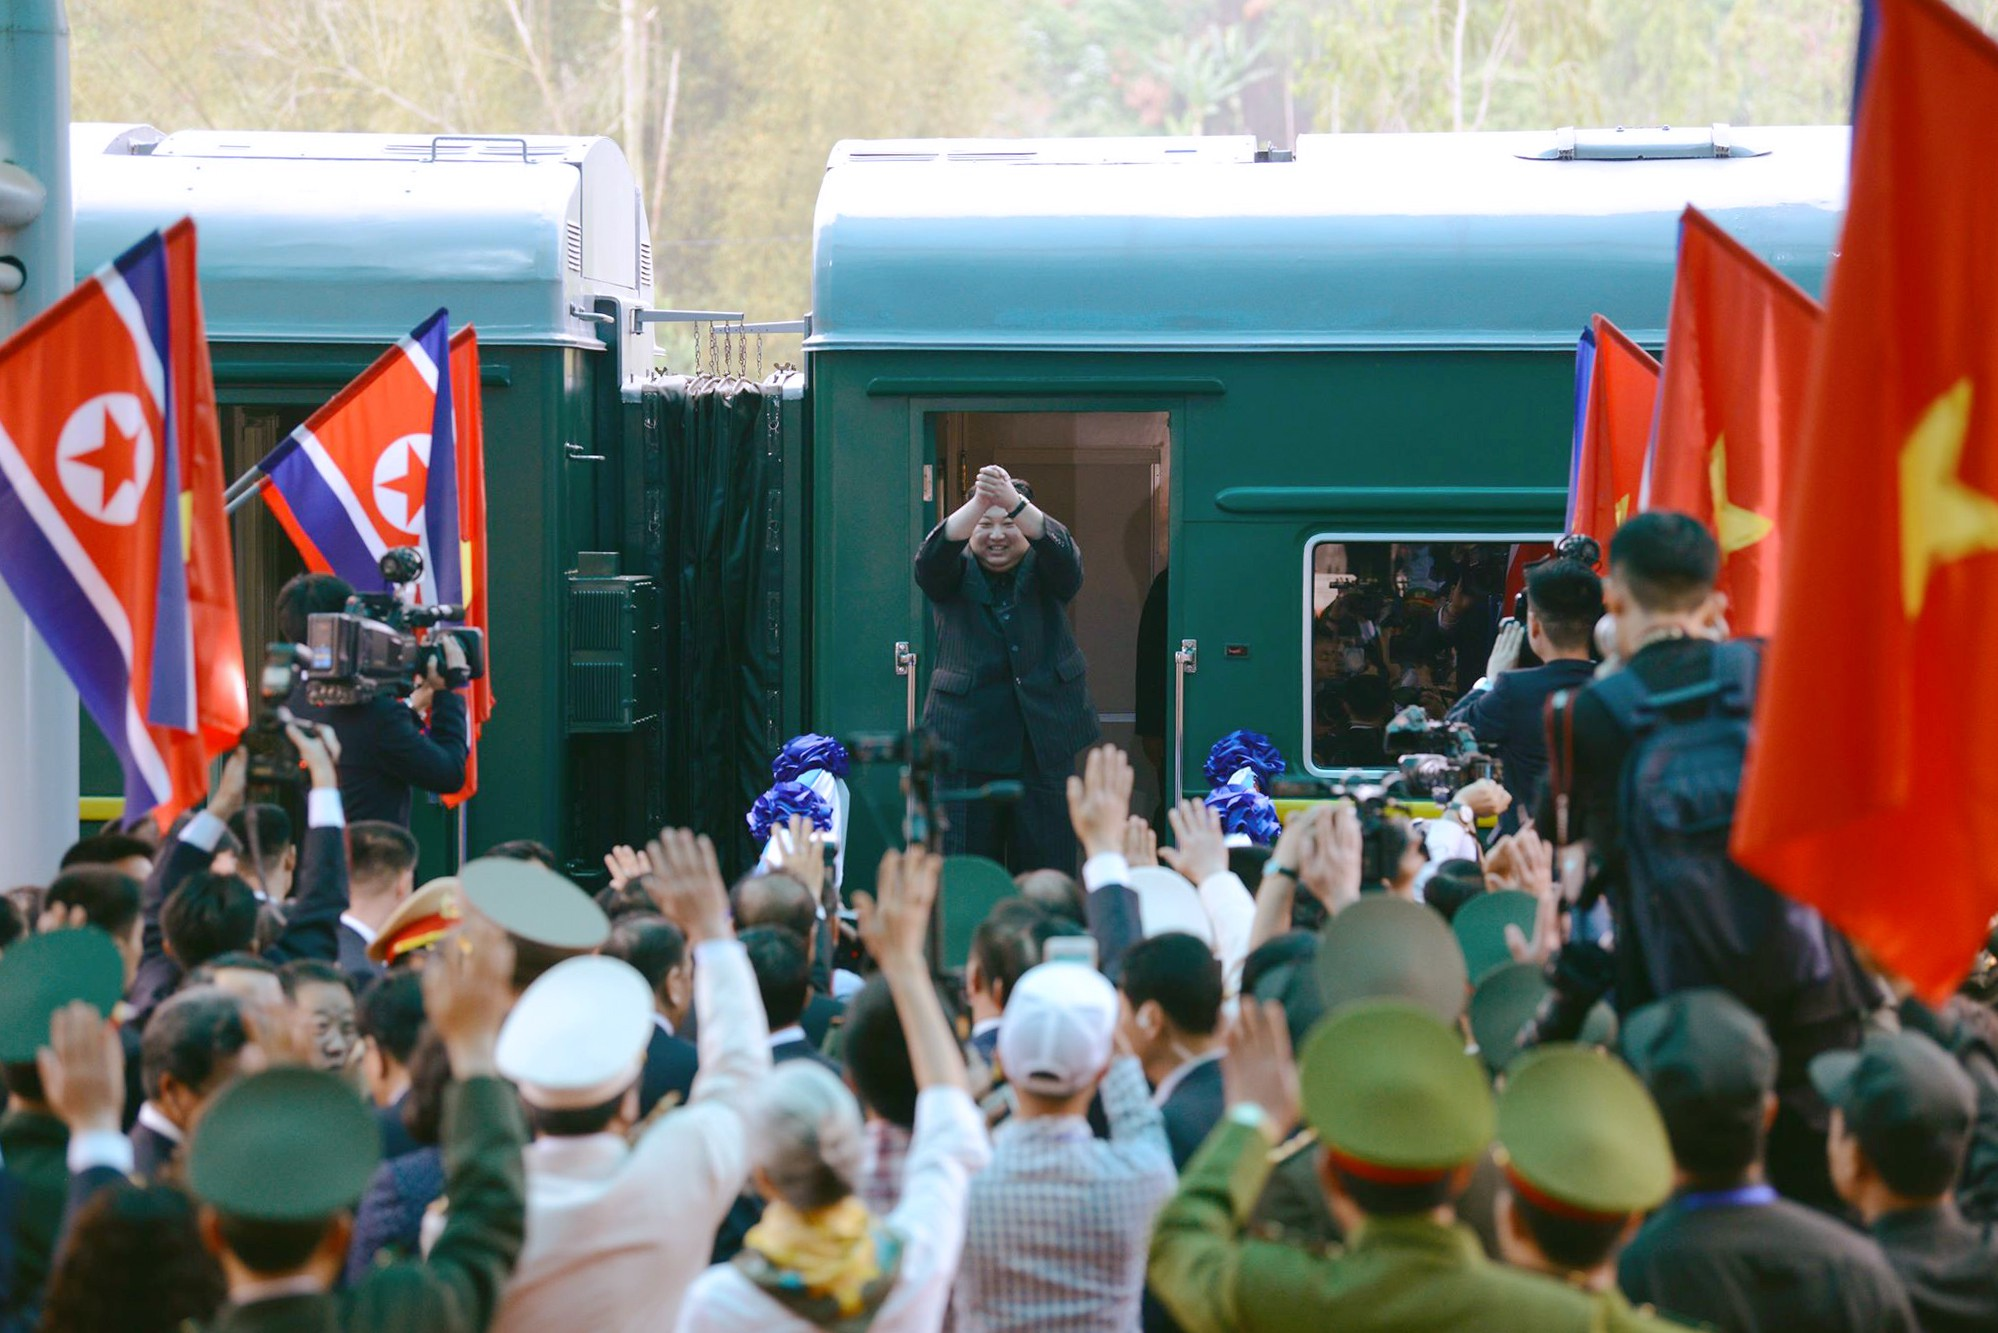 [PHOTO ESSAY] Những khoảnh khắc lịch sử trong chuyến công du Việt Nam đầu tiên của Chủ tịch Kim Jong-un - Ảnh 30.